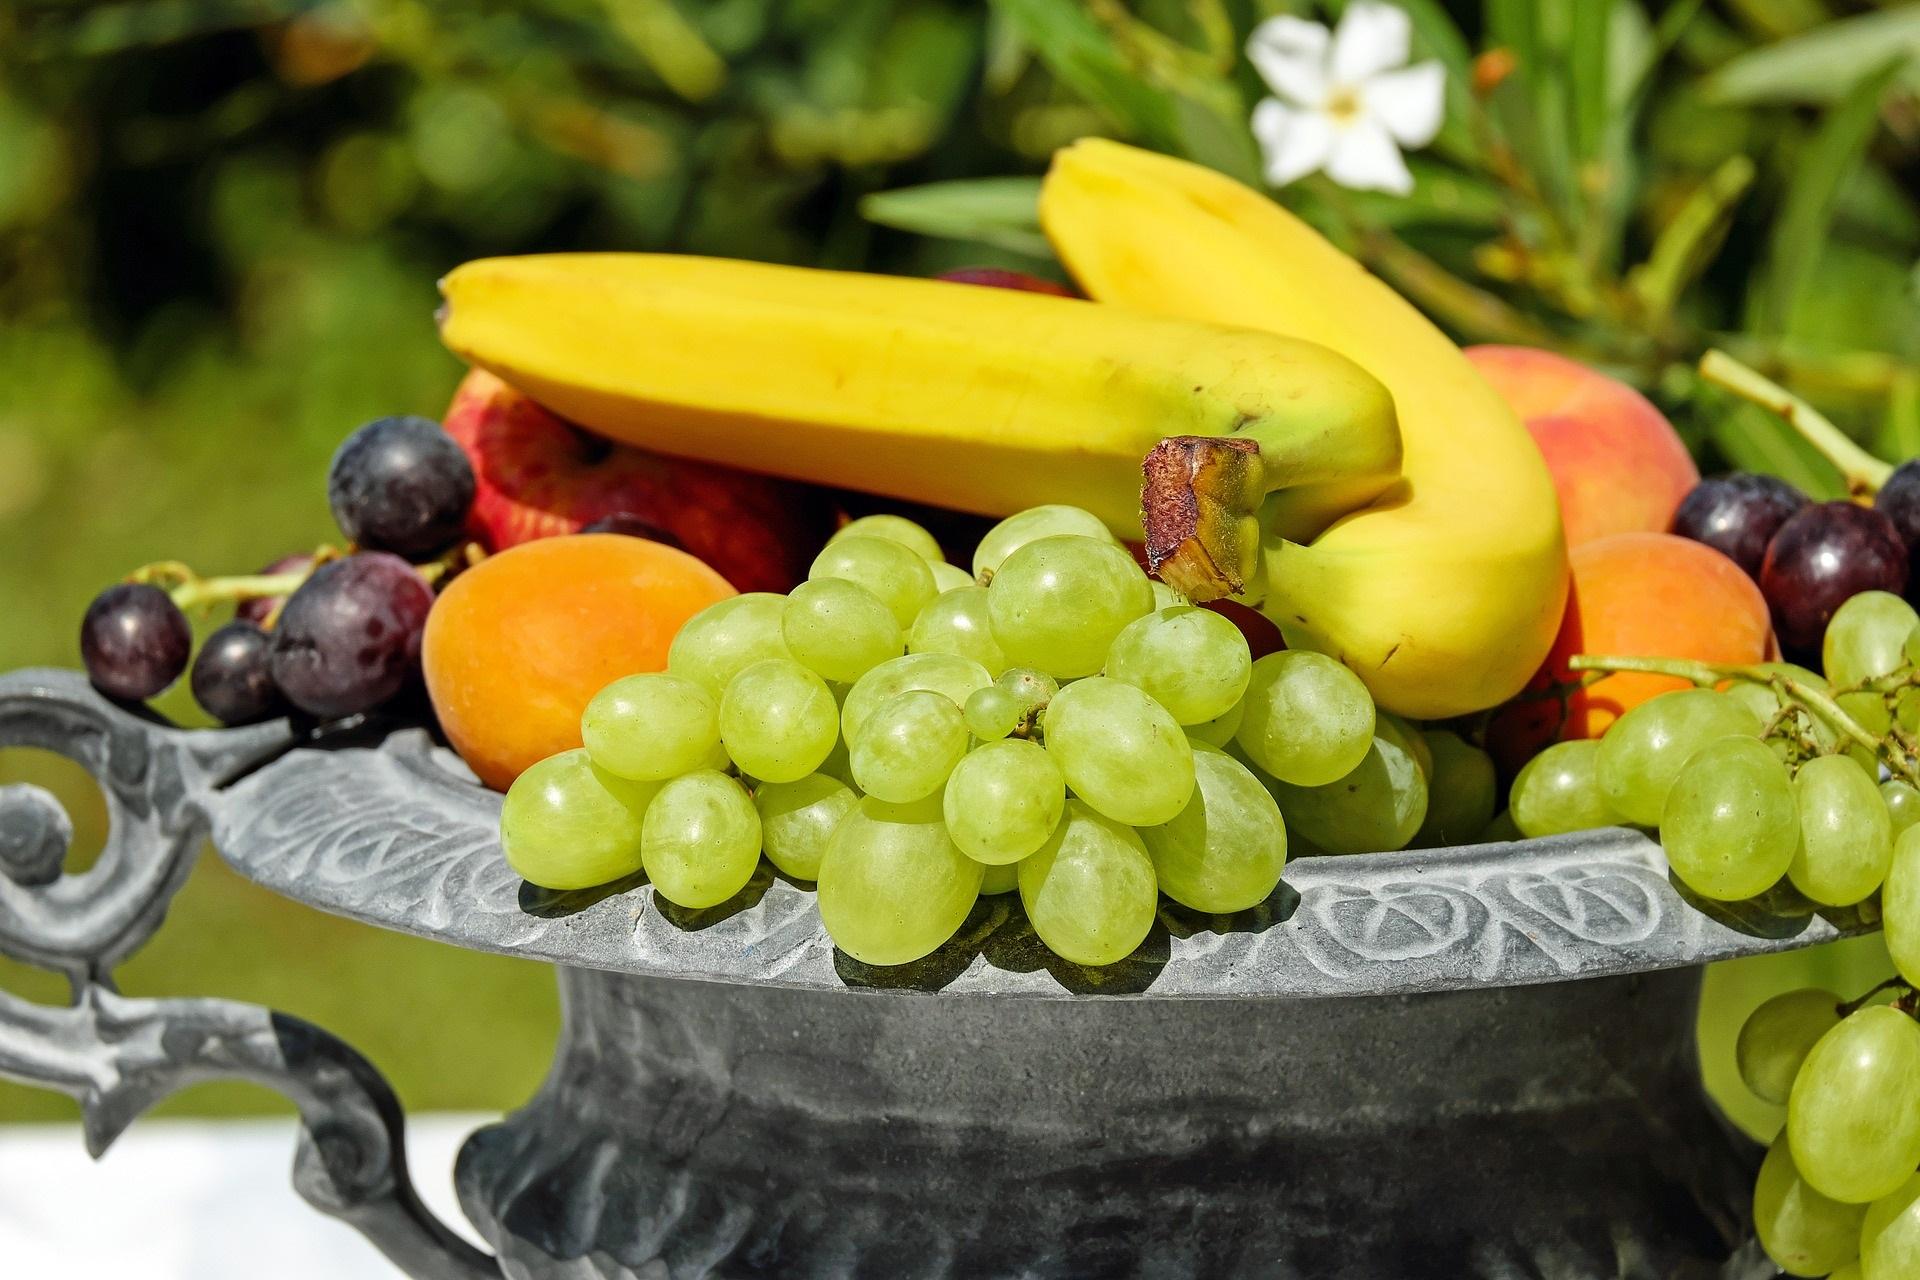 Frutta e allenamento: quale è meglio mangiare nel pre o post workout?